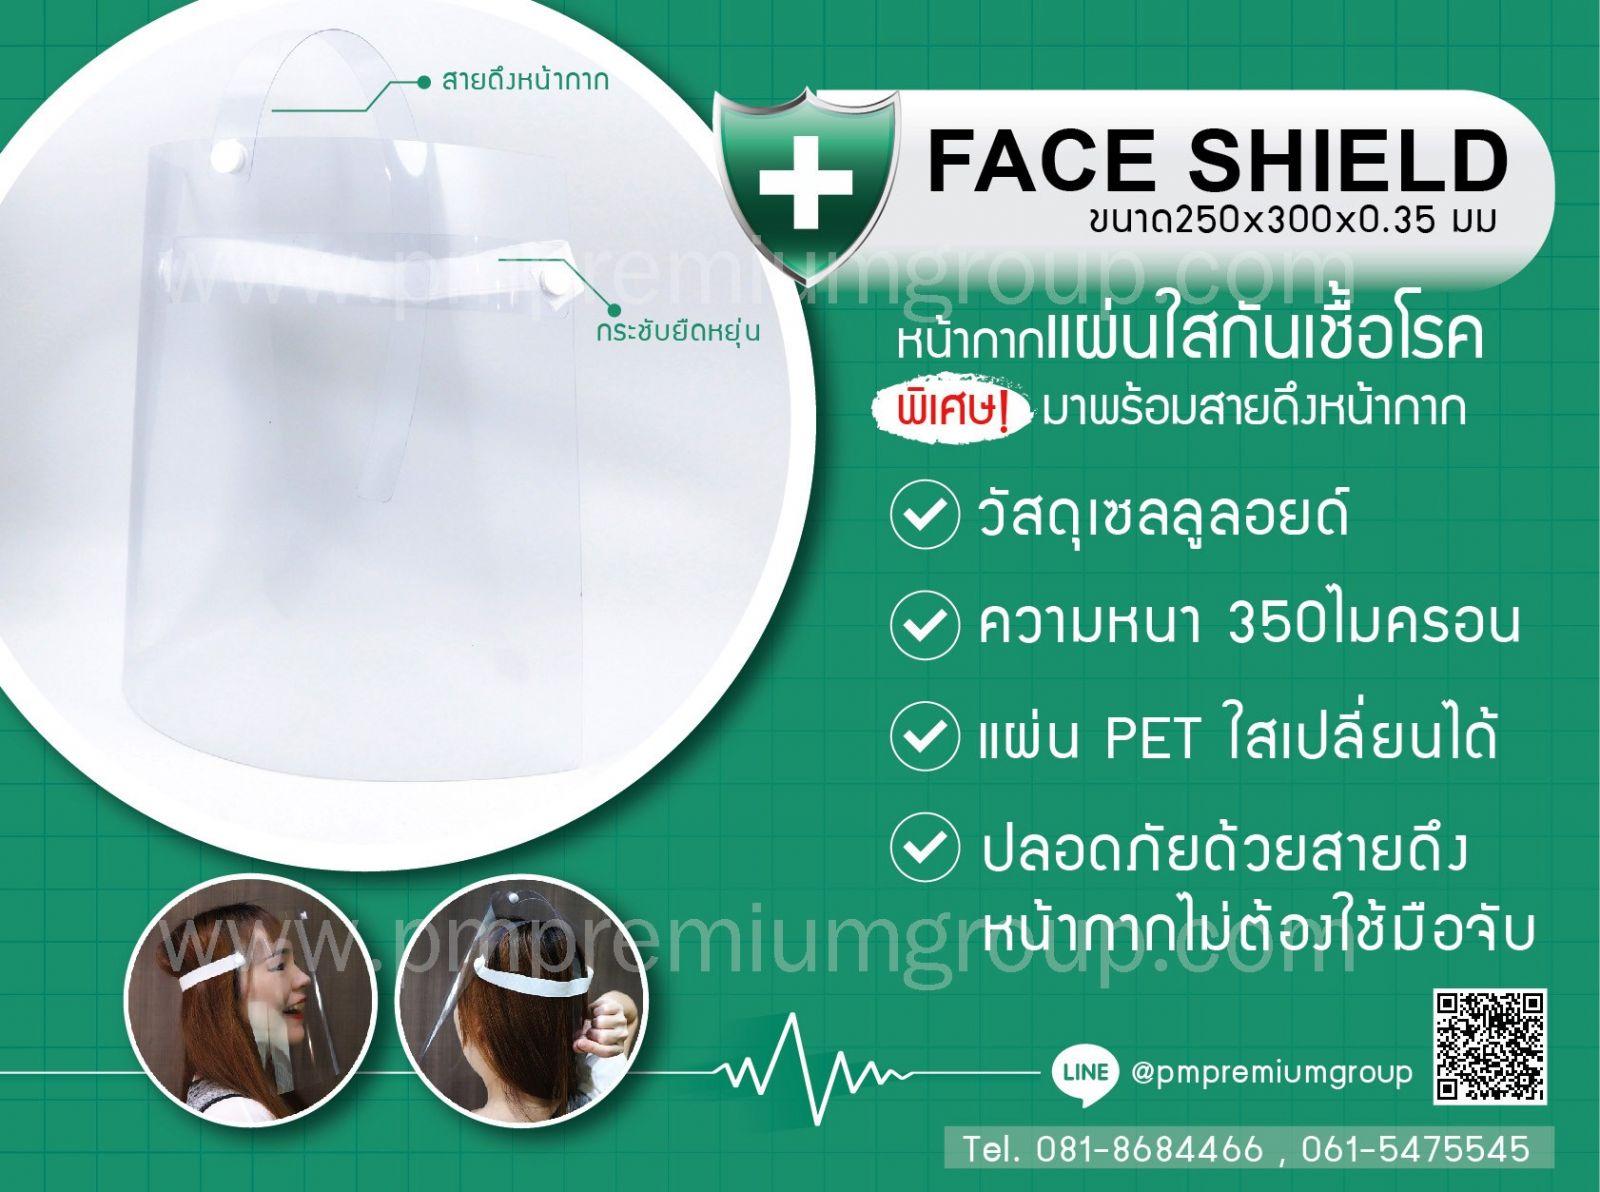 หน้ากากแผ่นใสกันเชื้อโรคFace Shield